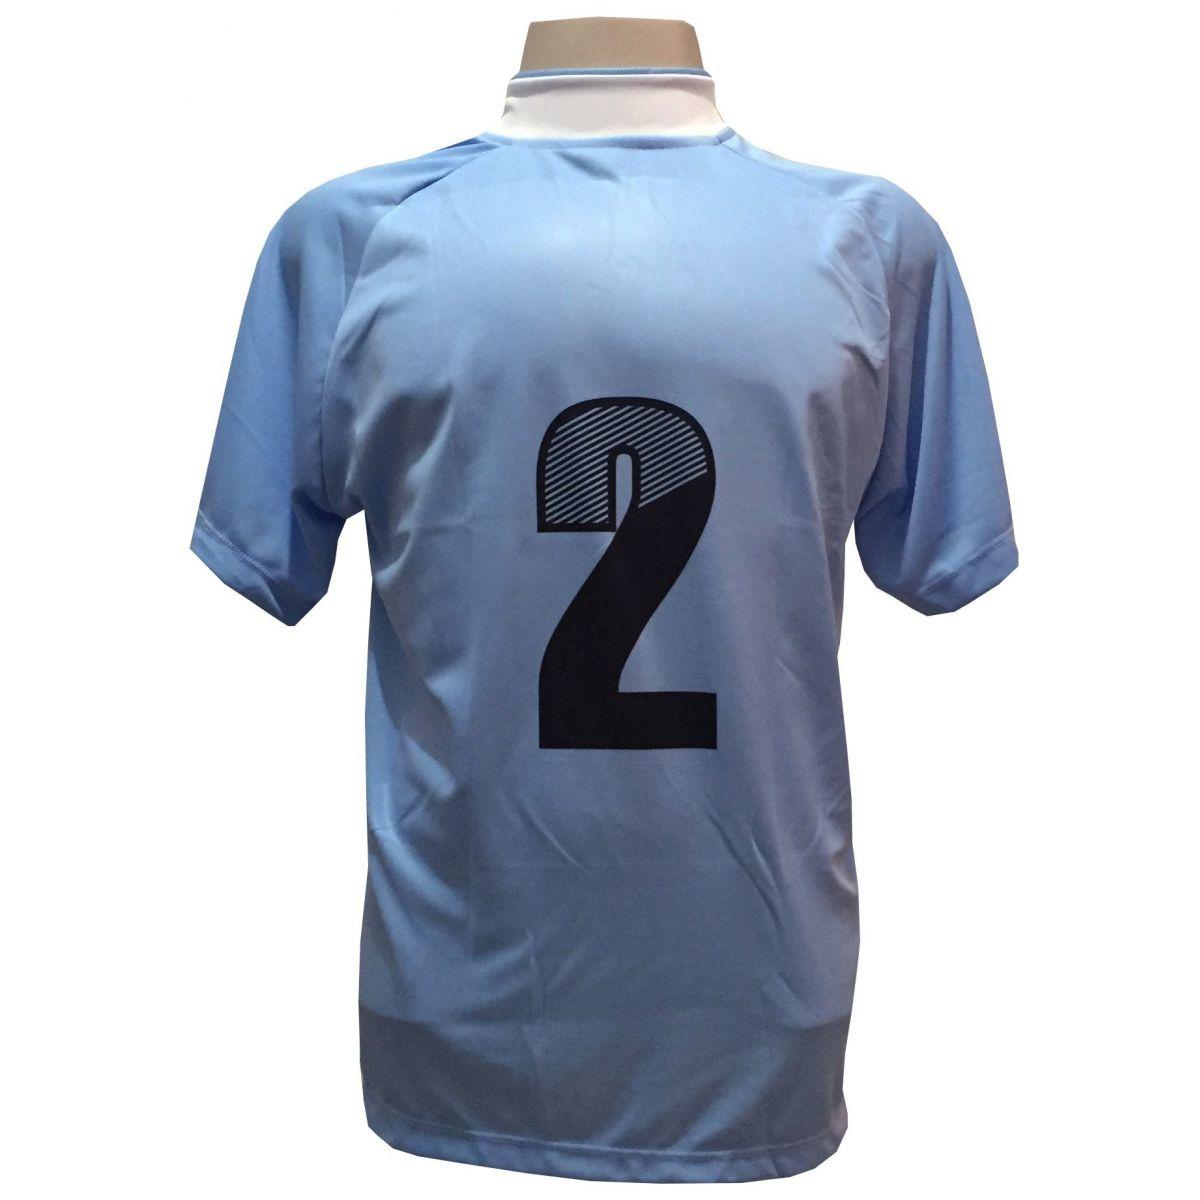 Uniforme Esportivo com 20 camisas modelo Milan Celeste/Branco + 20 calções modelo Madrid Preto + 20 pares de meiões Preto